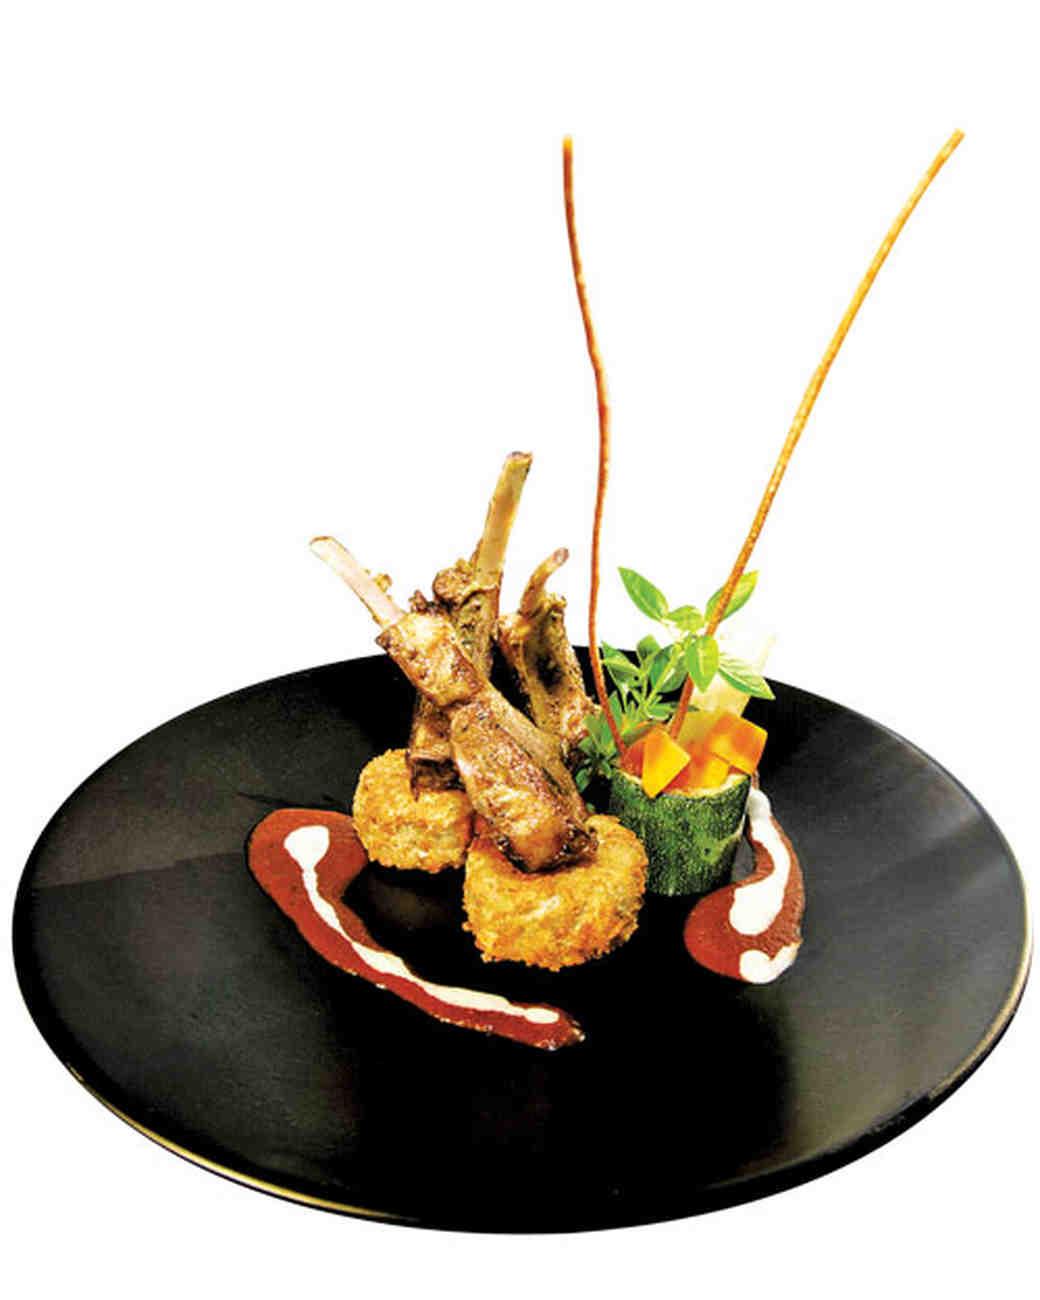 ladera-resort-dasheene-restaurant-sum11ms107193.jpg